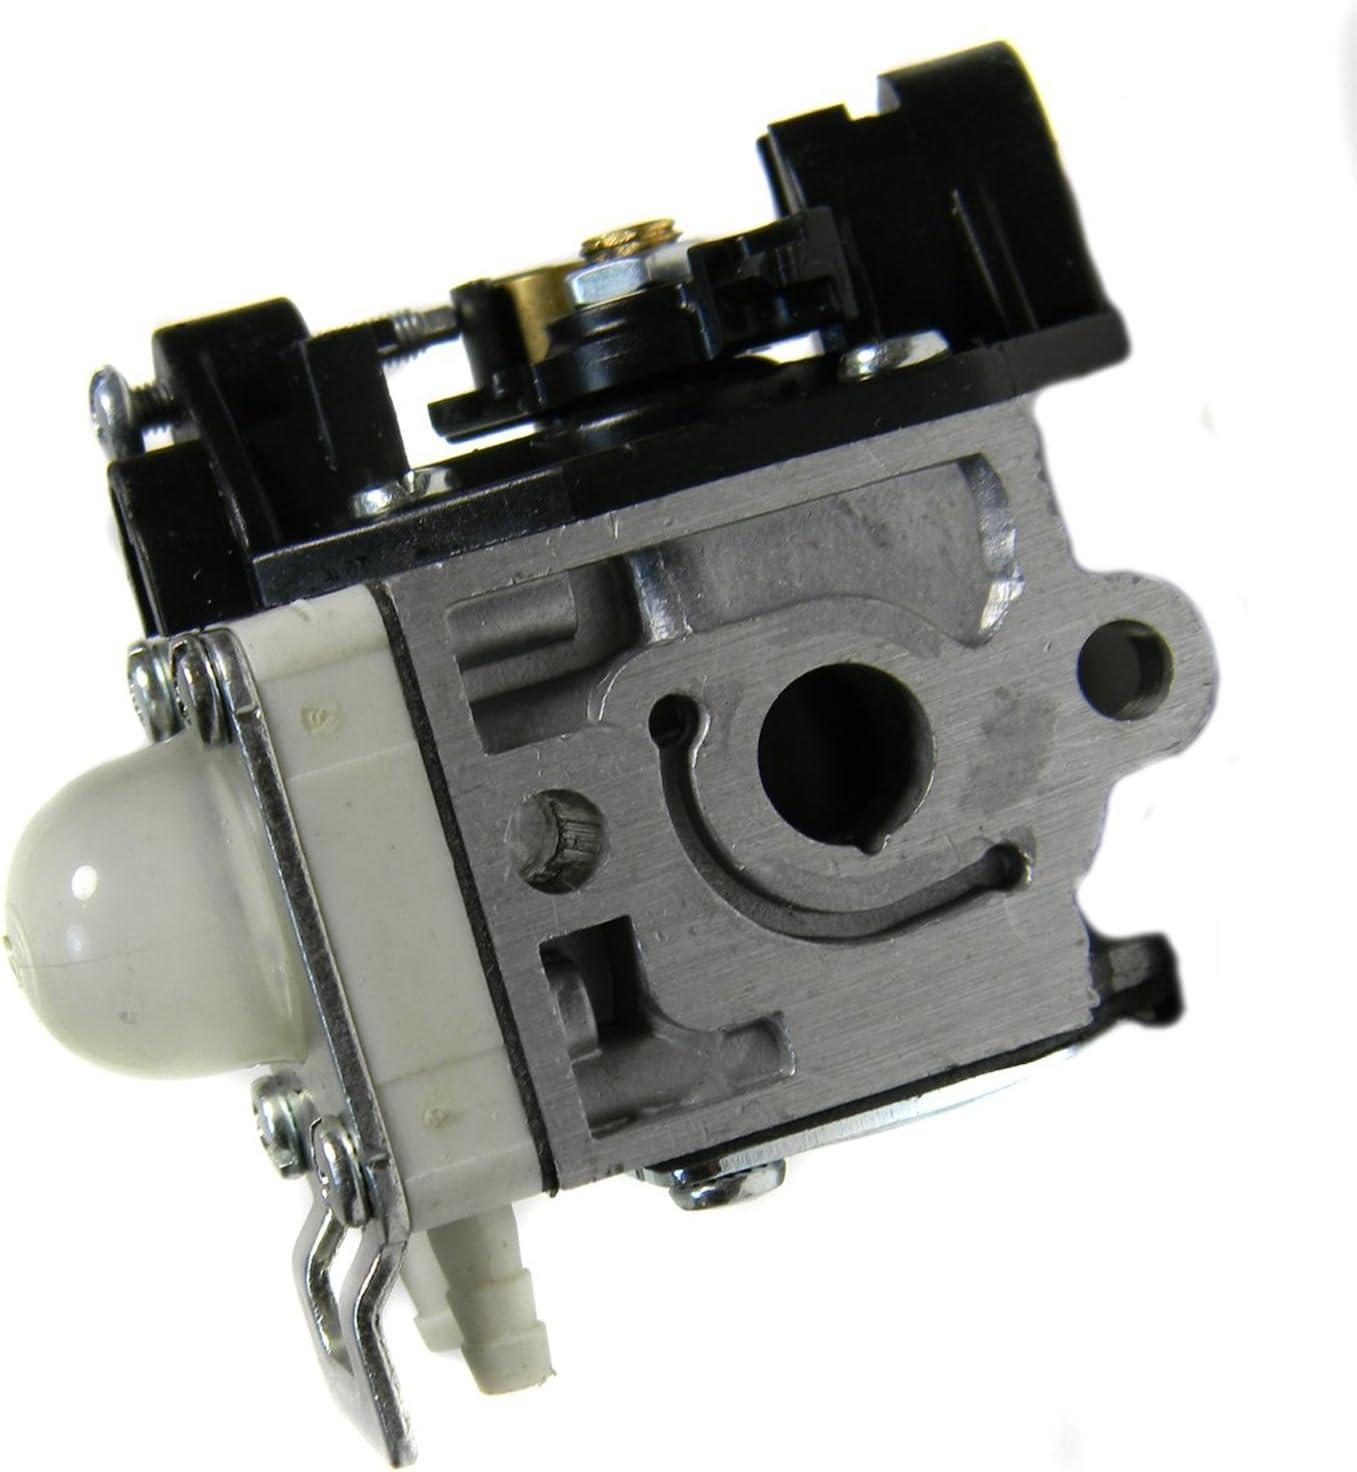 Zama RB-K85 Carburetor fits Echo PB-265L N: It is very popular Weekly update S P09312001001 - P09